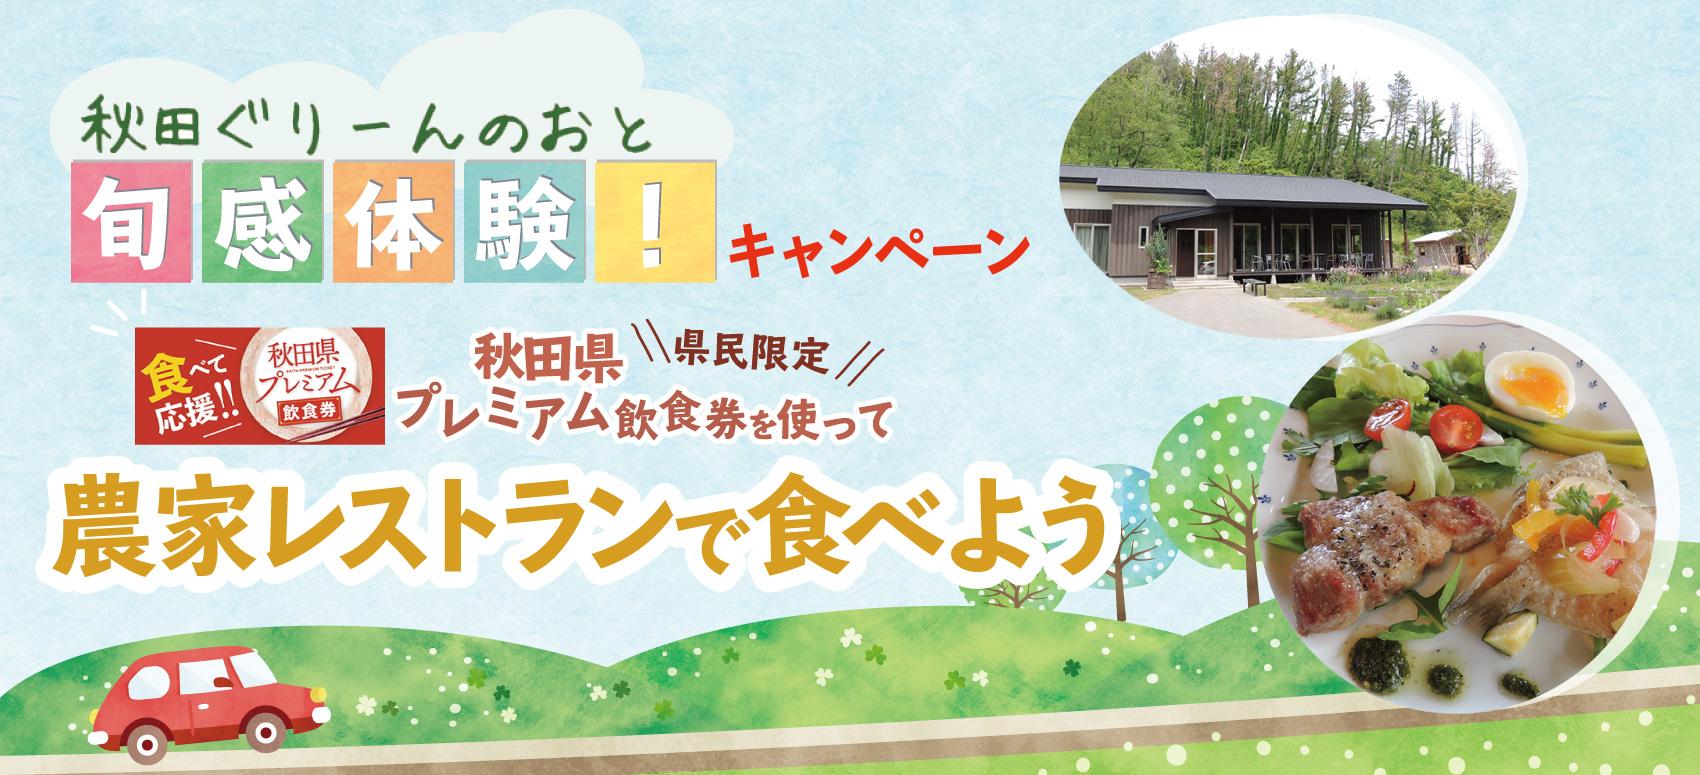 飲食 応援 キャンペーン 市 秋田 店